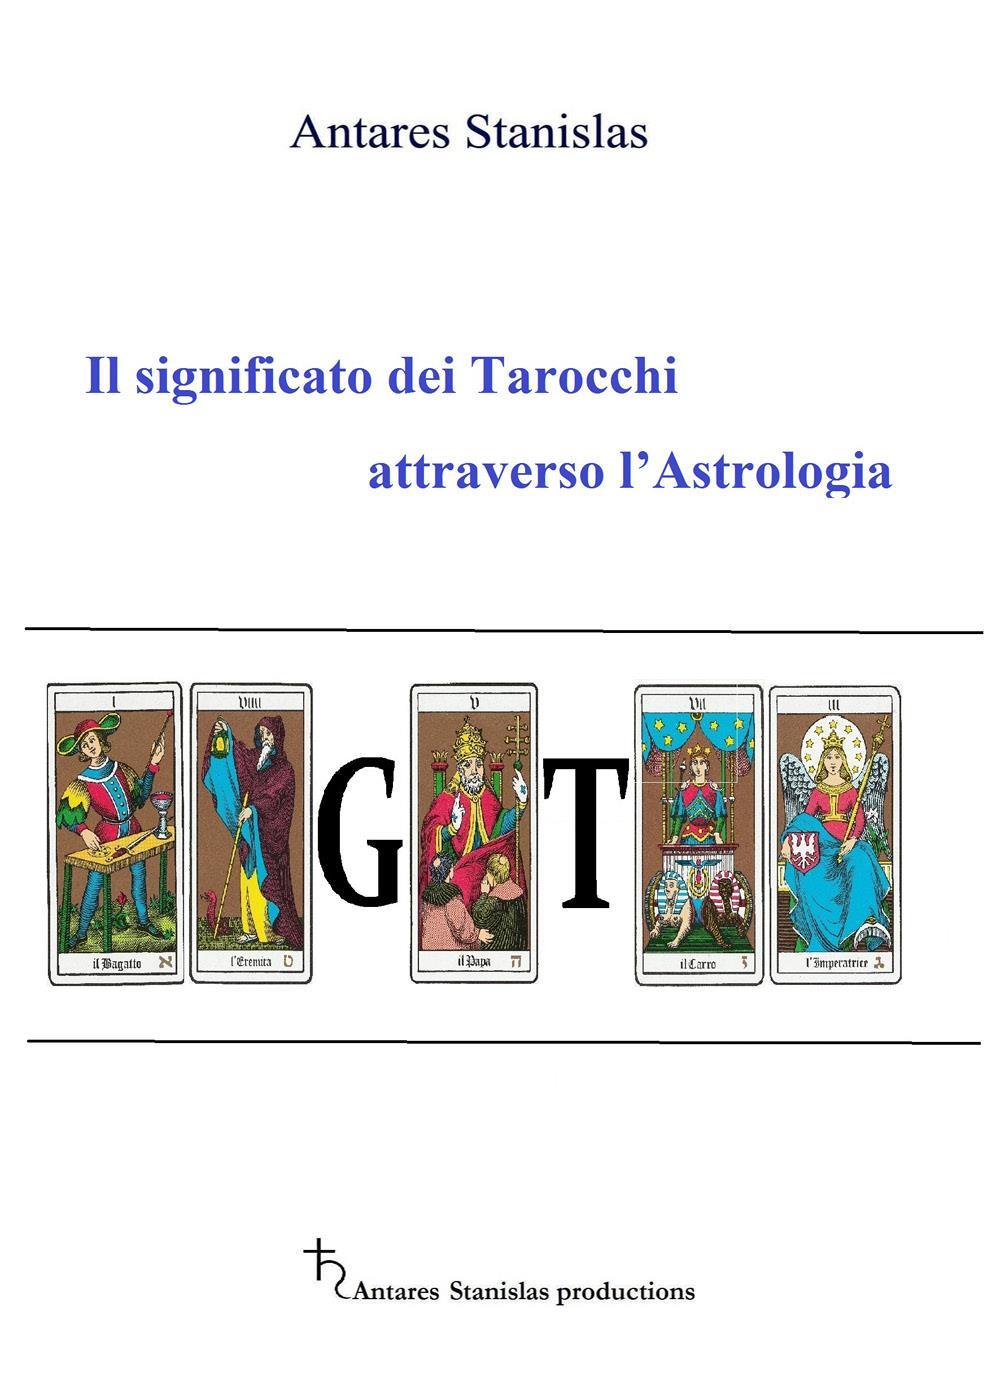 Il significato dei Tarocchi attraverso l'Astrologia